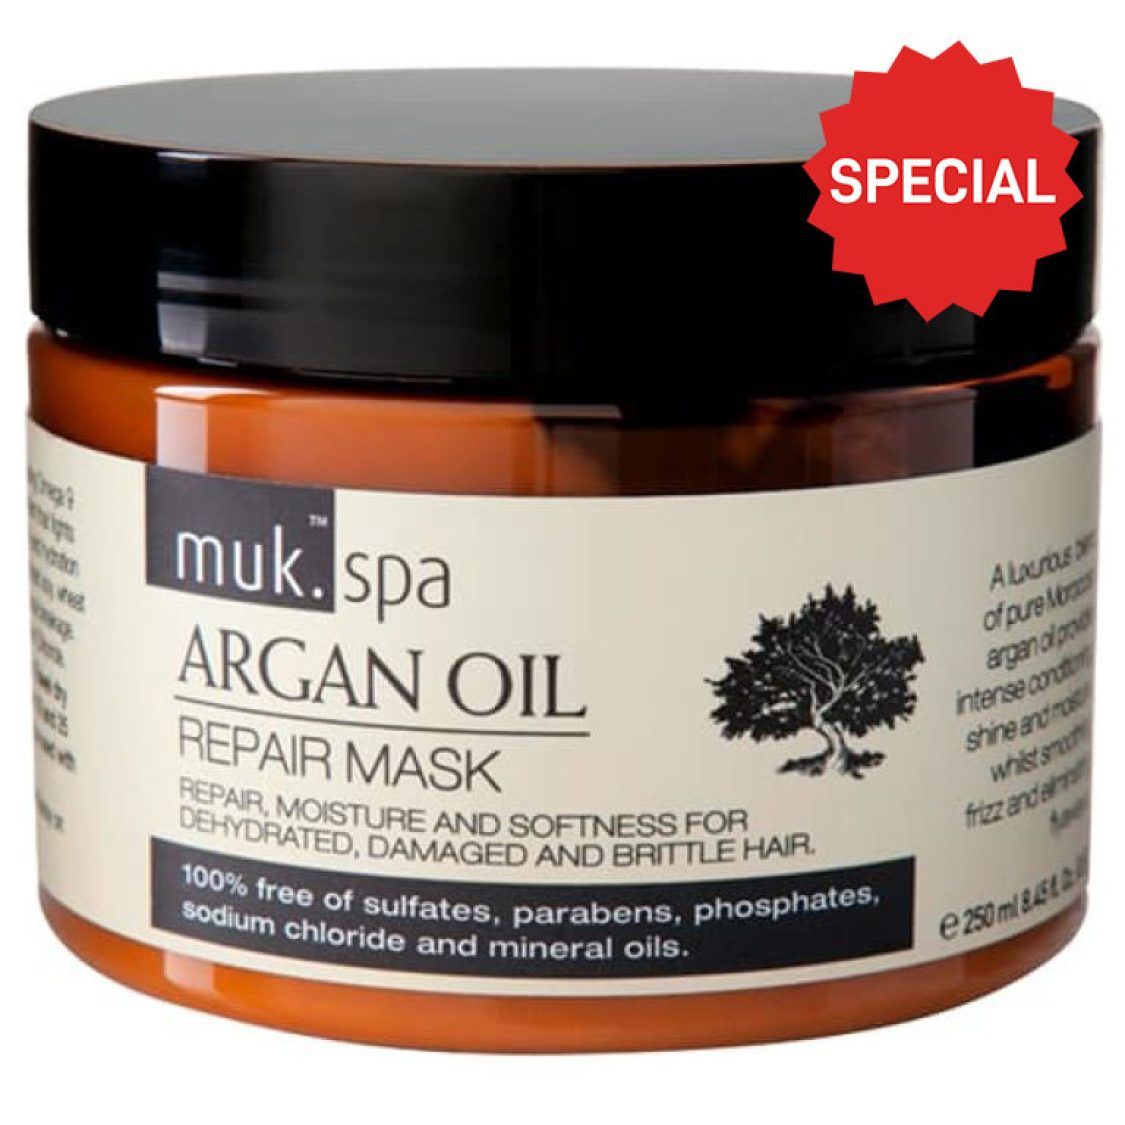 muk Spa Argan Oil Repair Mask 250ml